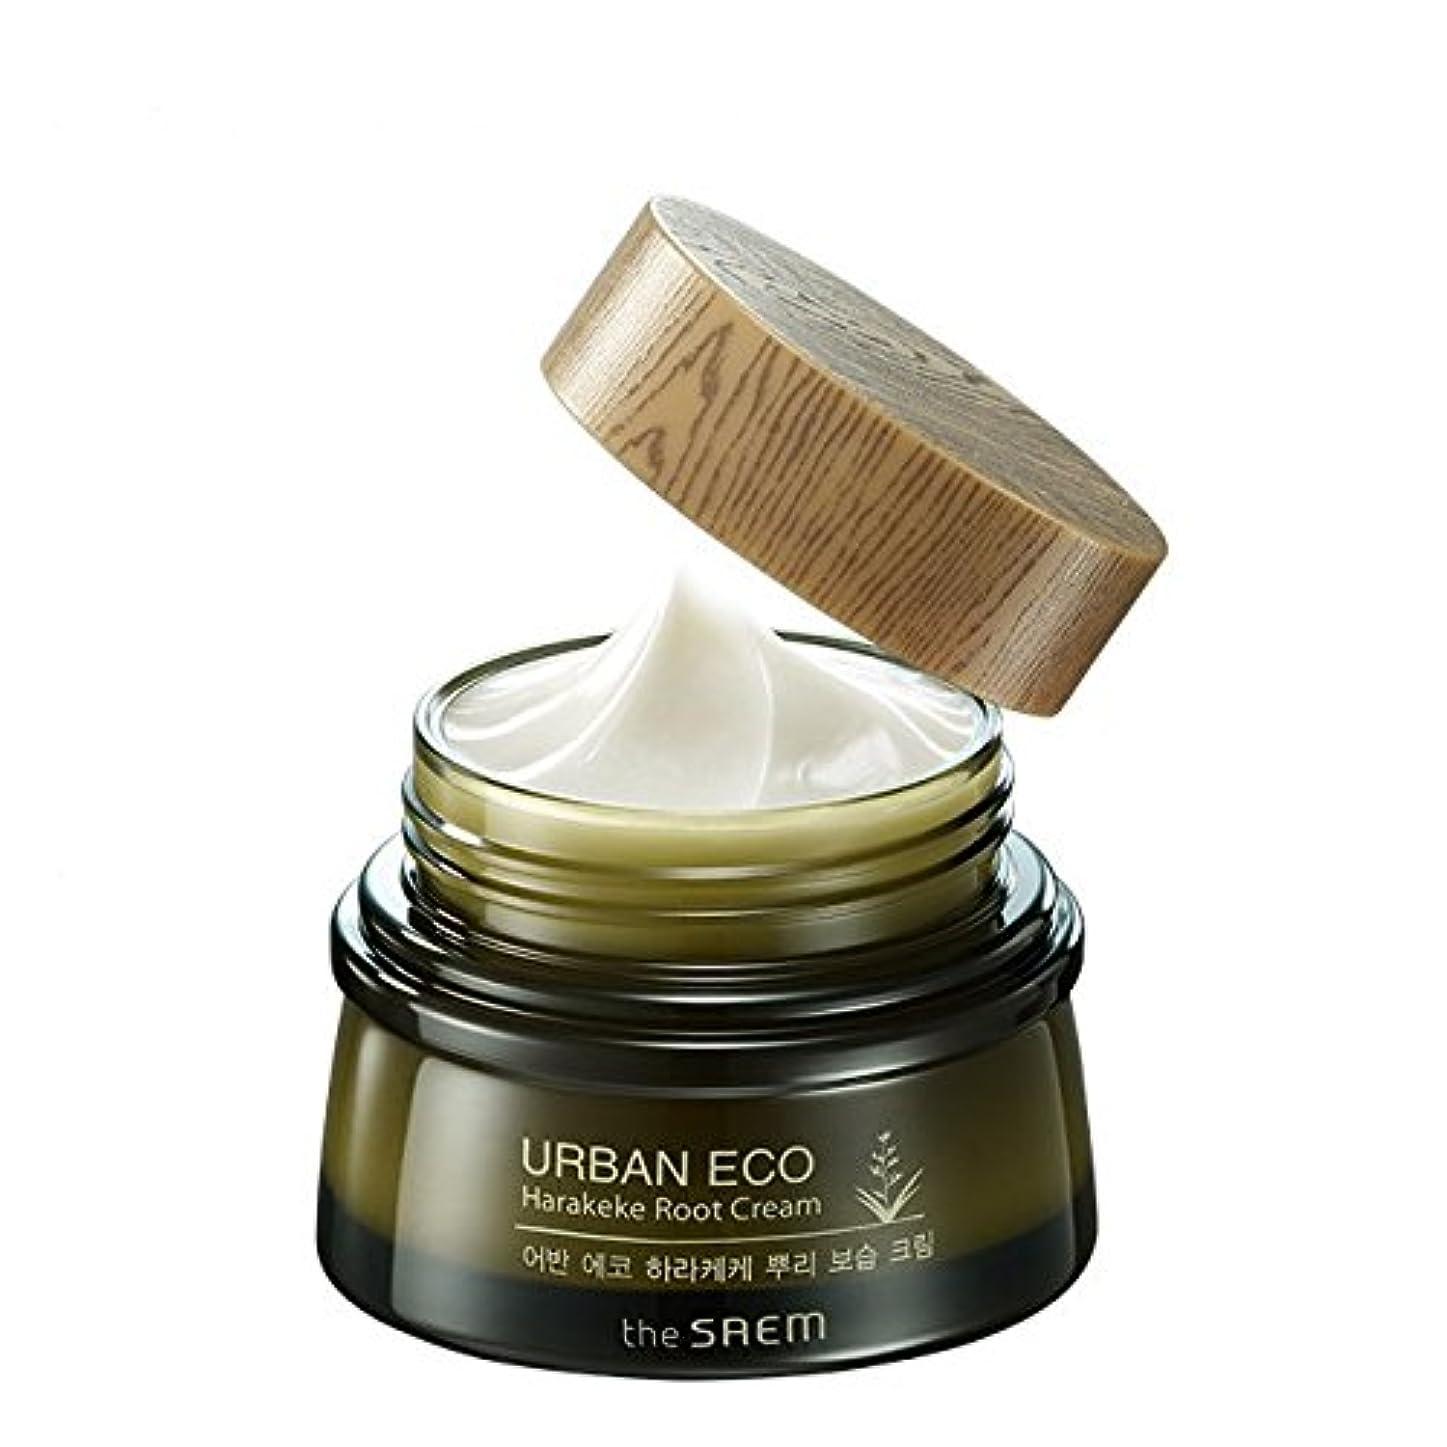 市町村雨眉[ザセム] The Saem [アーバンエコ ハラケケ 根保湿クリーム60ml (The Saem Urban Eco Harakeke Root Cream60ml)